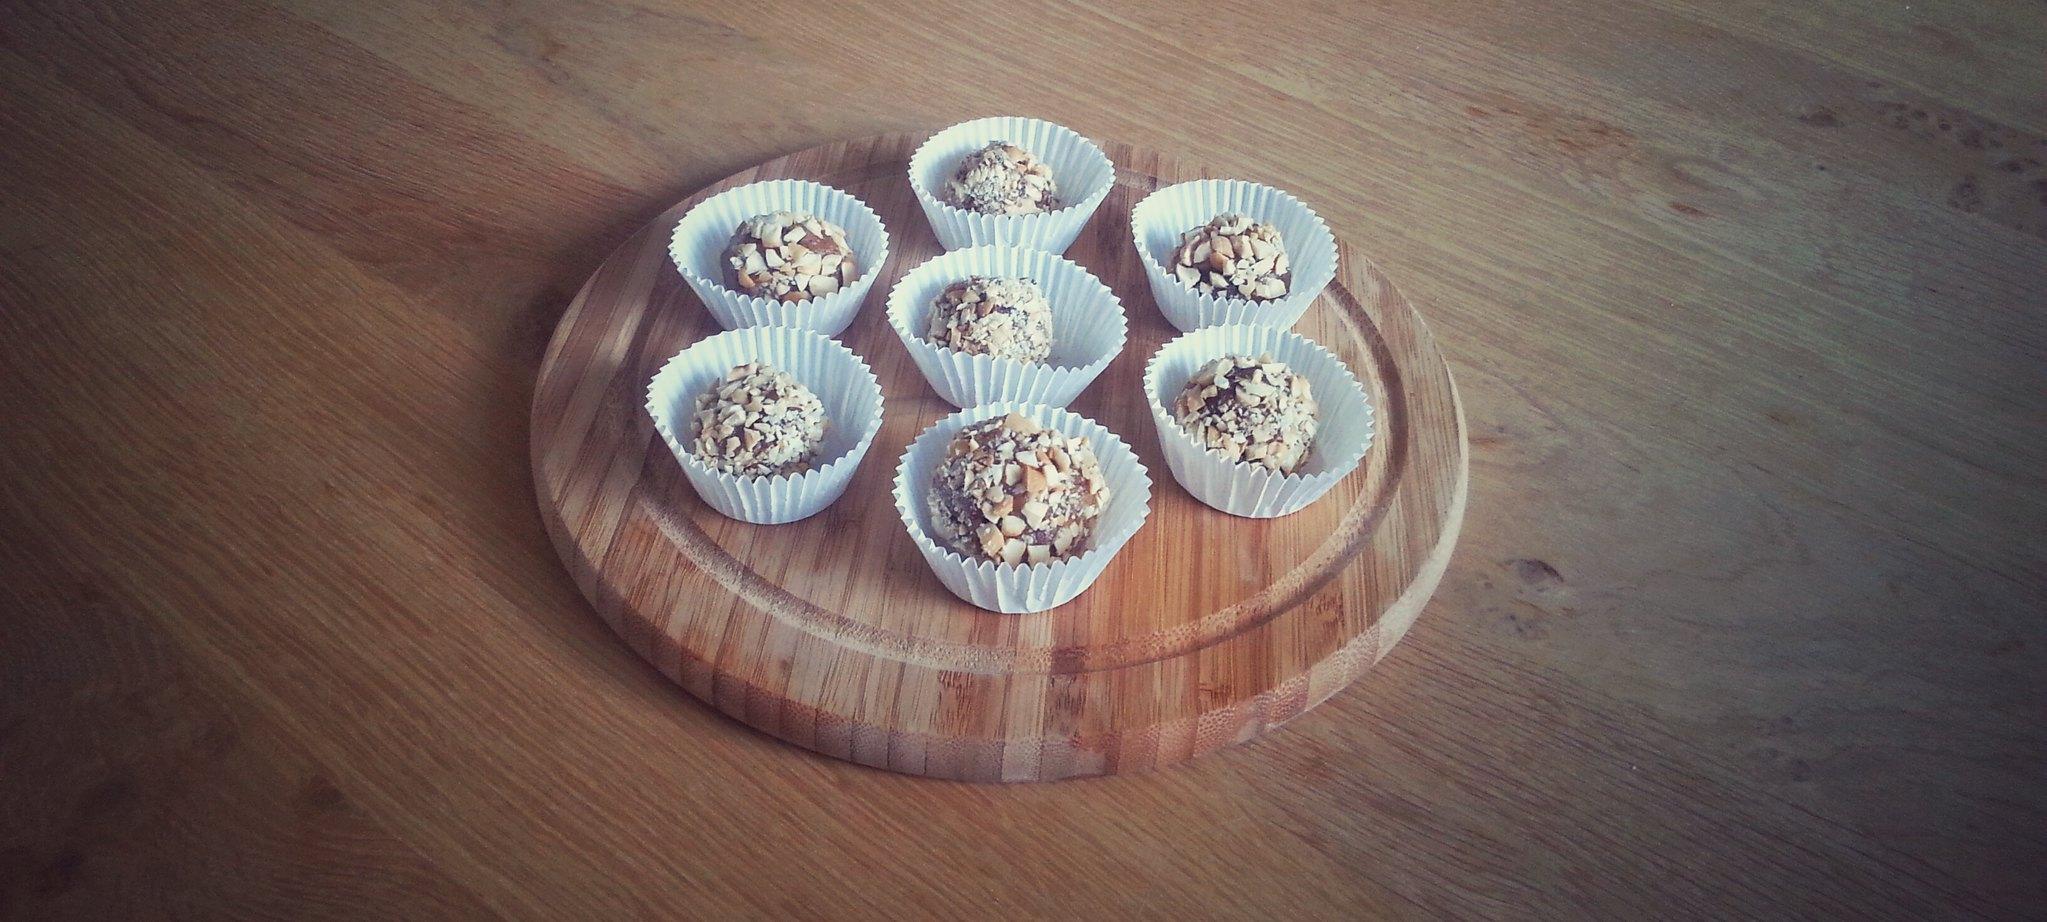 Zelf gezonde snacks maken is helemaal niet moeilijk